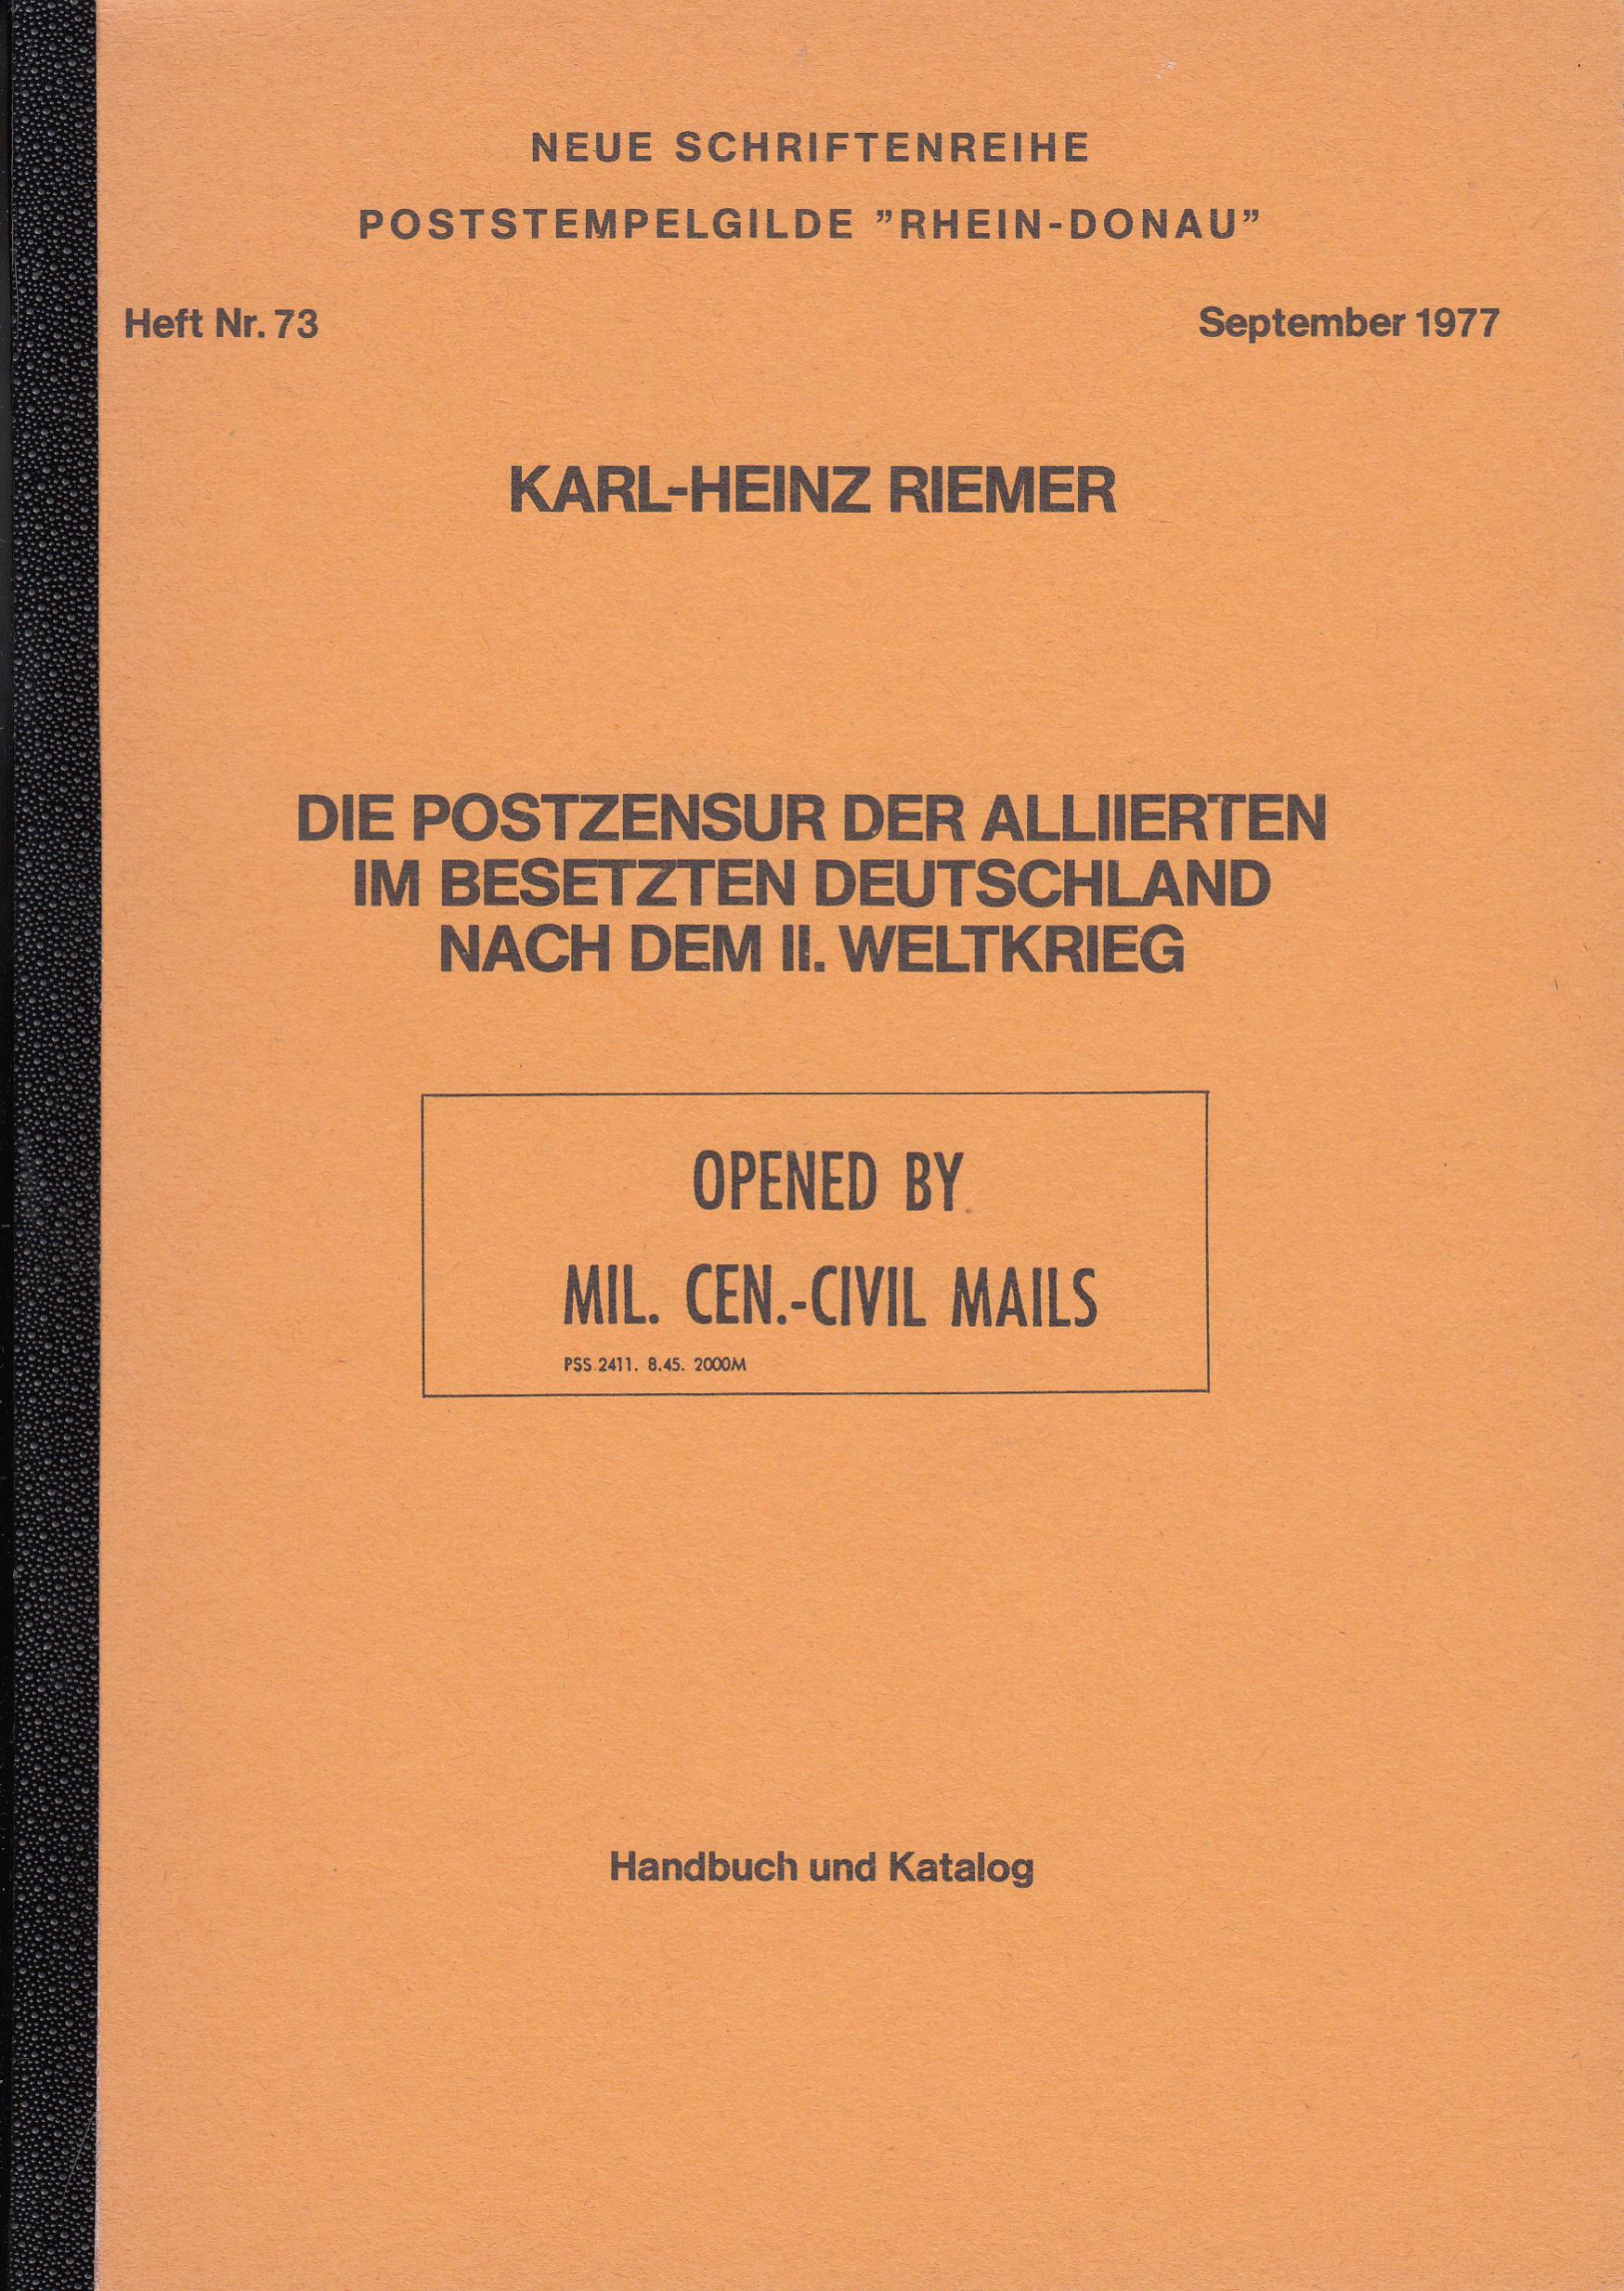 Nachtrag - Die Büchersammlungen der Forumsmitglieder - Seite 9 Img264